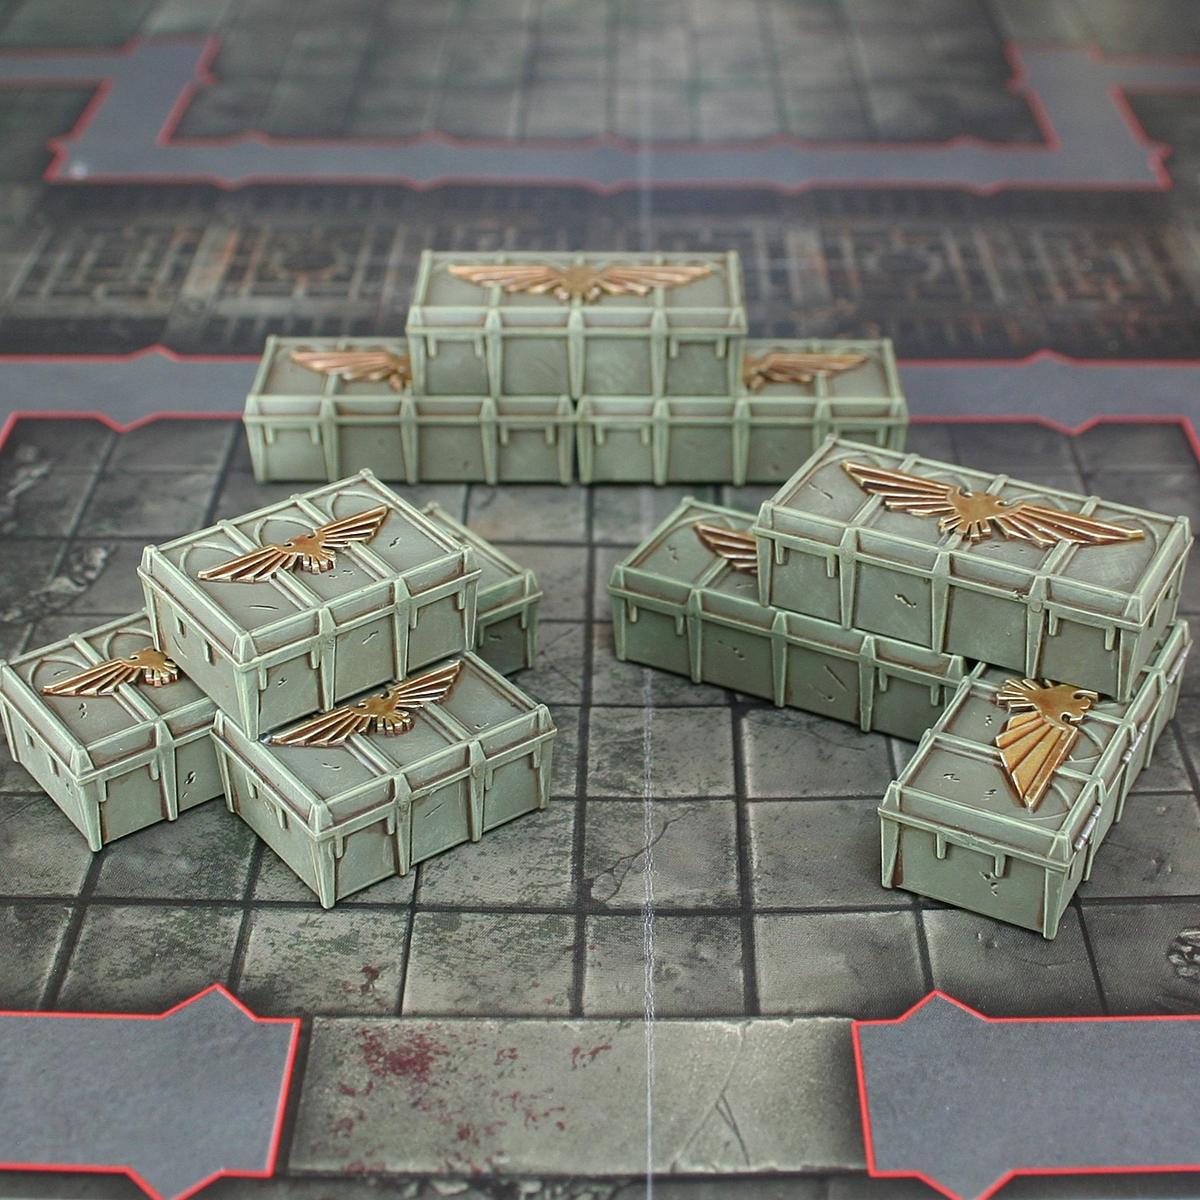 Astra Militarum Crates